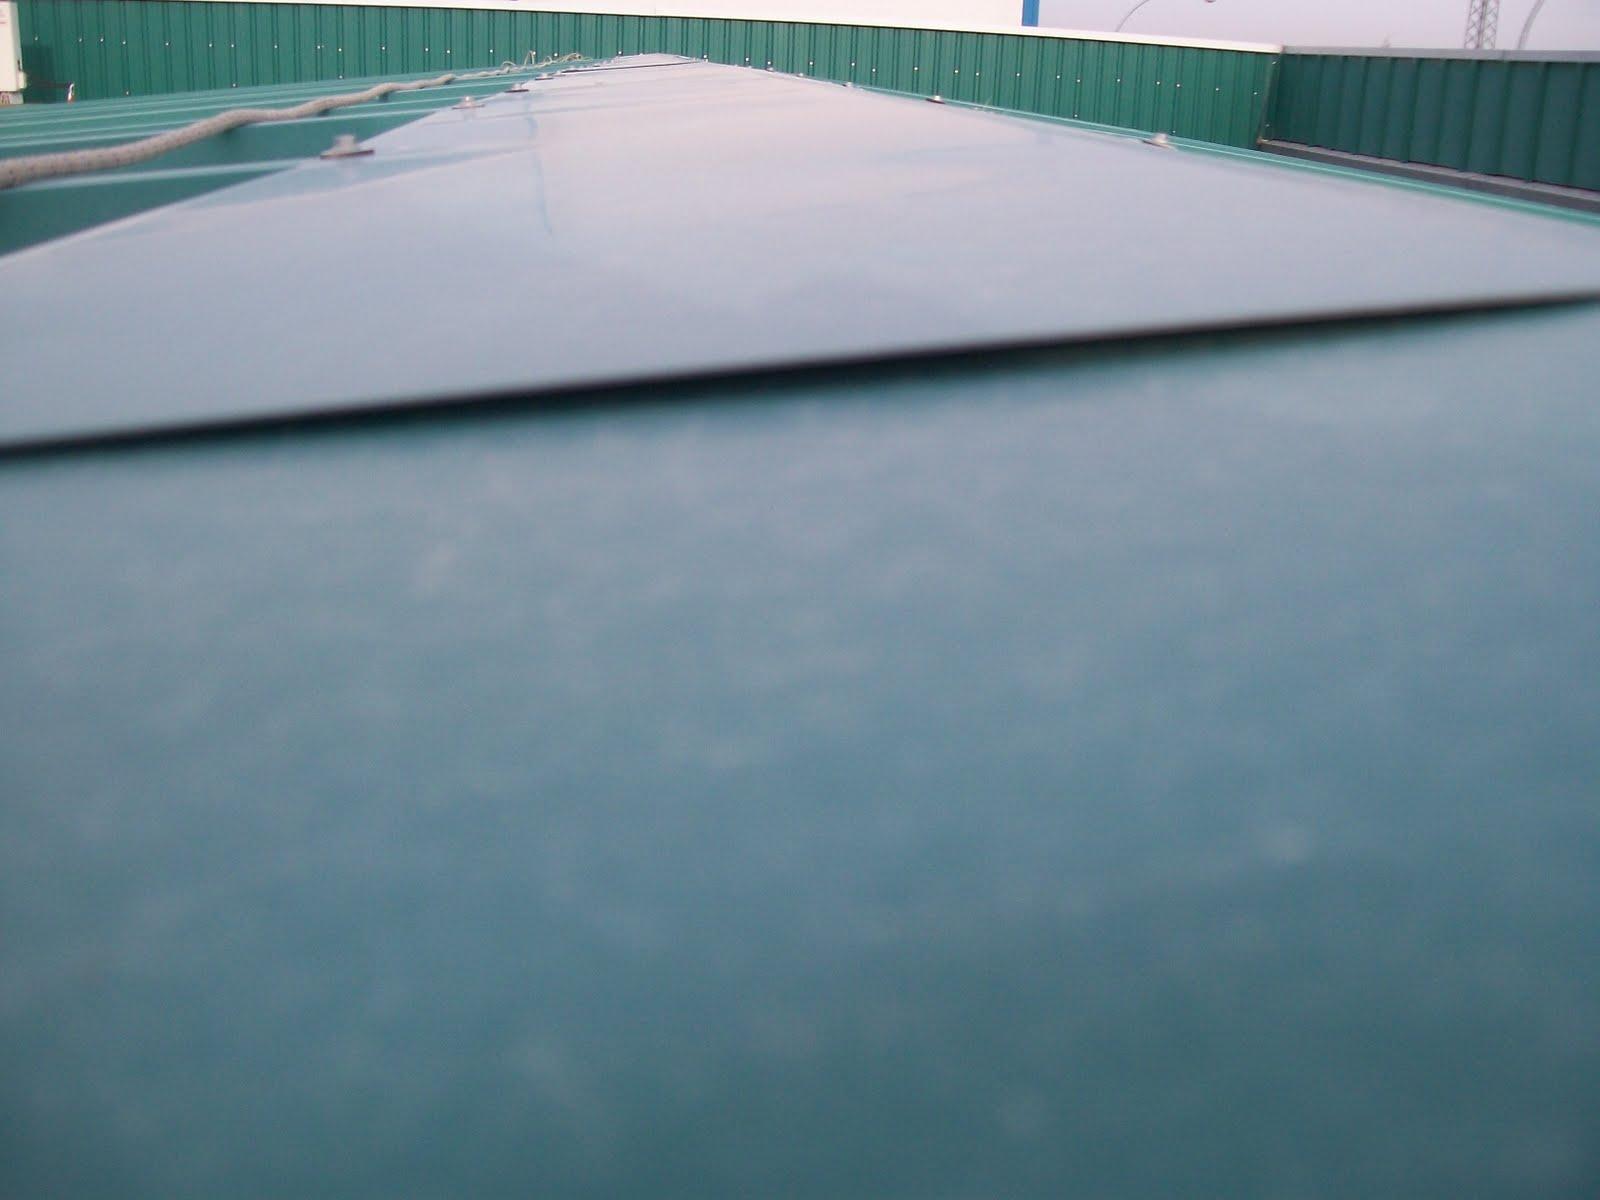 Reparar un tejado de chapa cubiertas naves cubiertas for Tejados de chapa